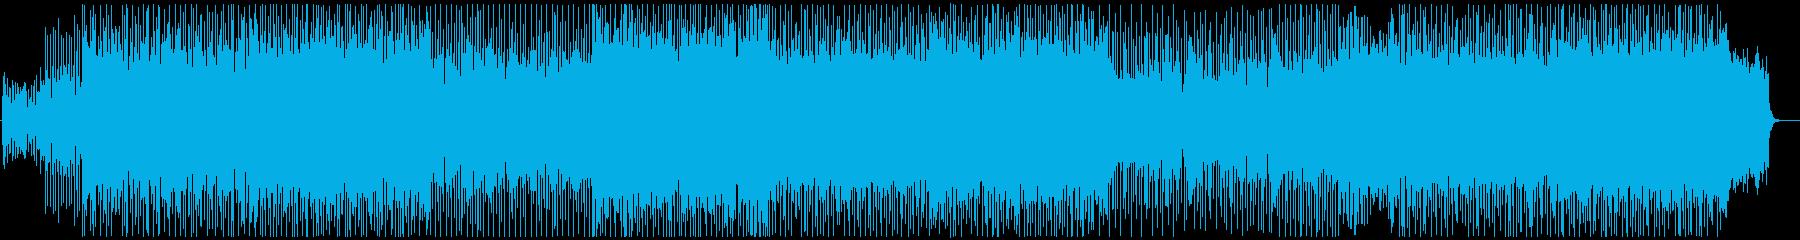 オーケストラロックなバトル風BGMの再生済みの波形